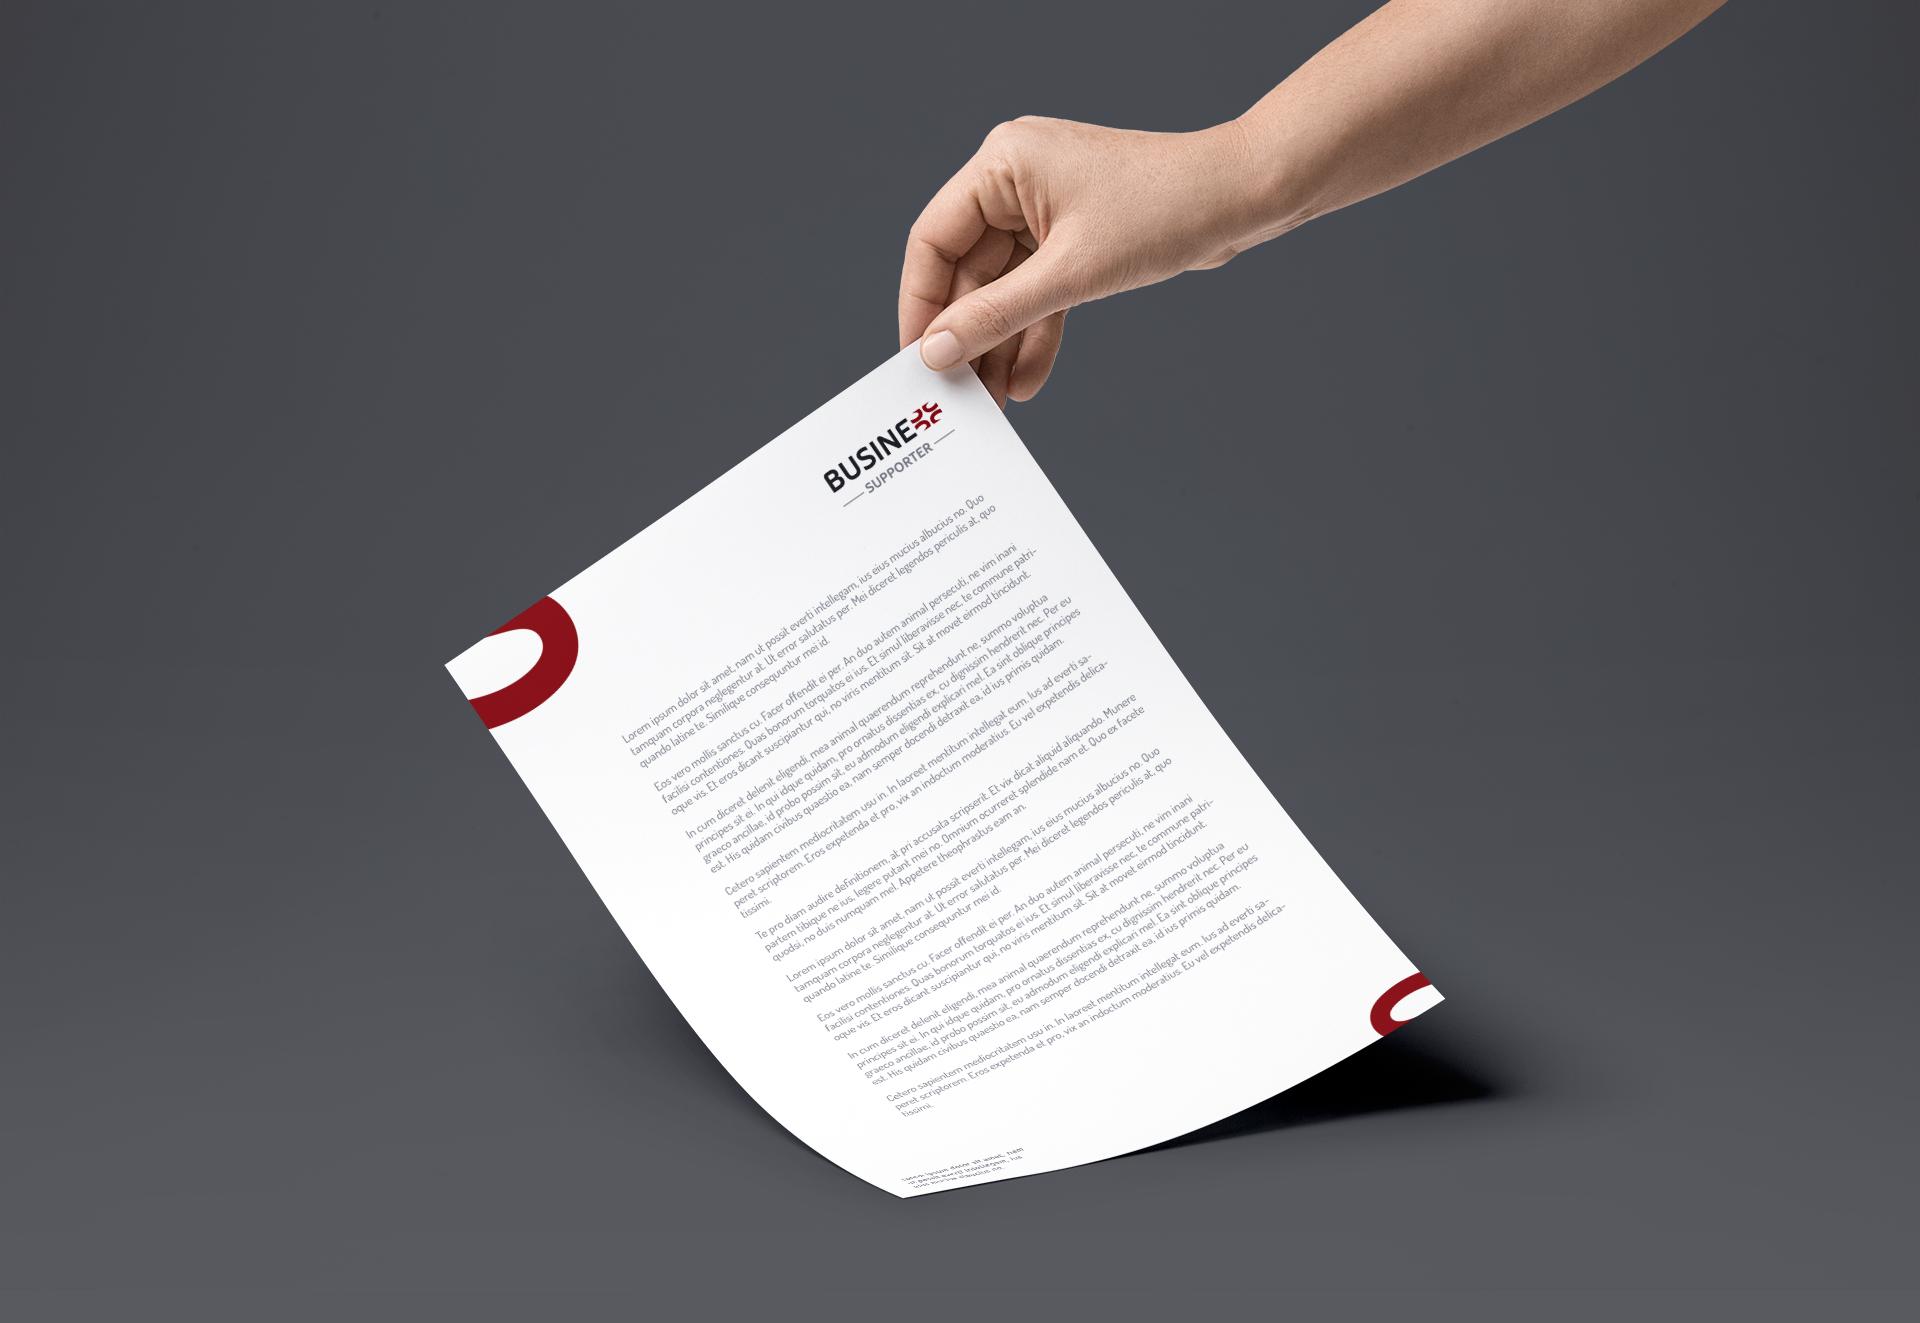 identyfikacja wizualna business supporter projekt papier firmowy